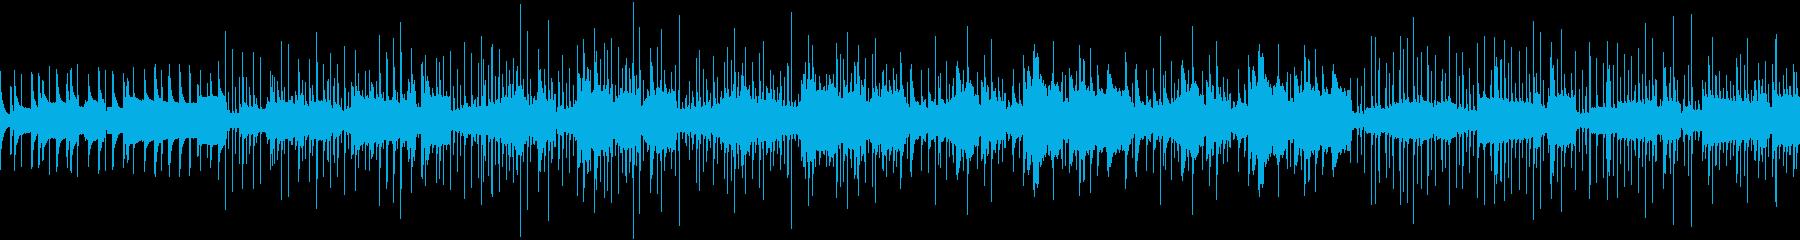 笛を使った和風の民族音楽の再生済みの波形